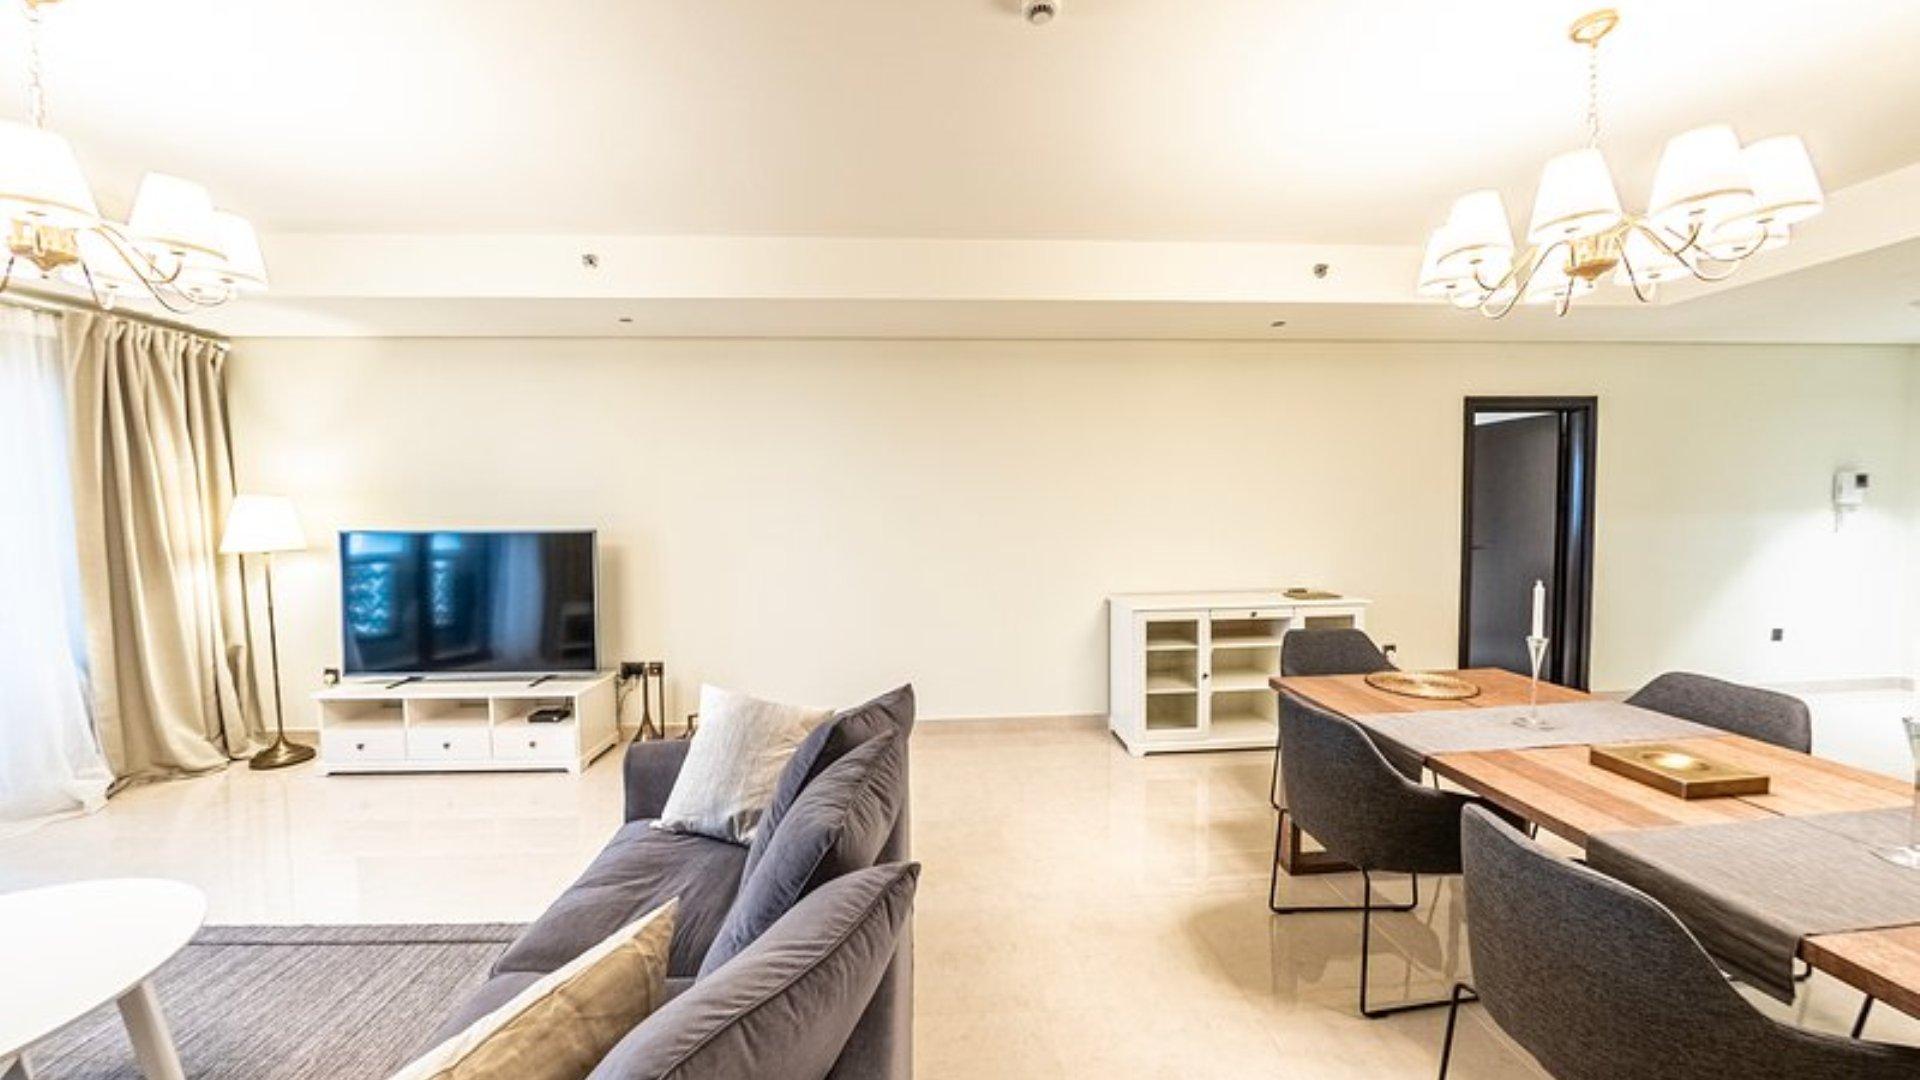 Villa en venta en Dubai, EAU, 6 dormitorios, 1298 m2, № 24473 – foto 5